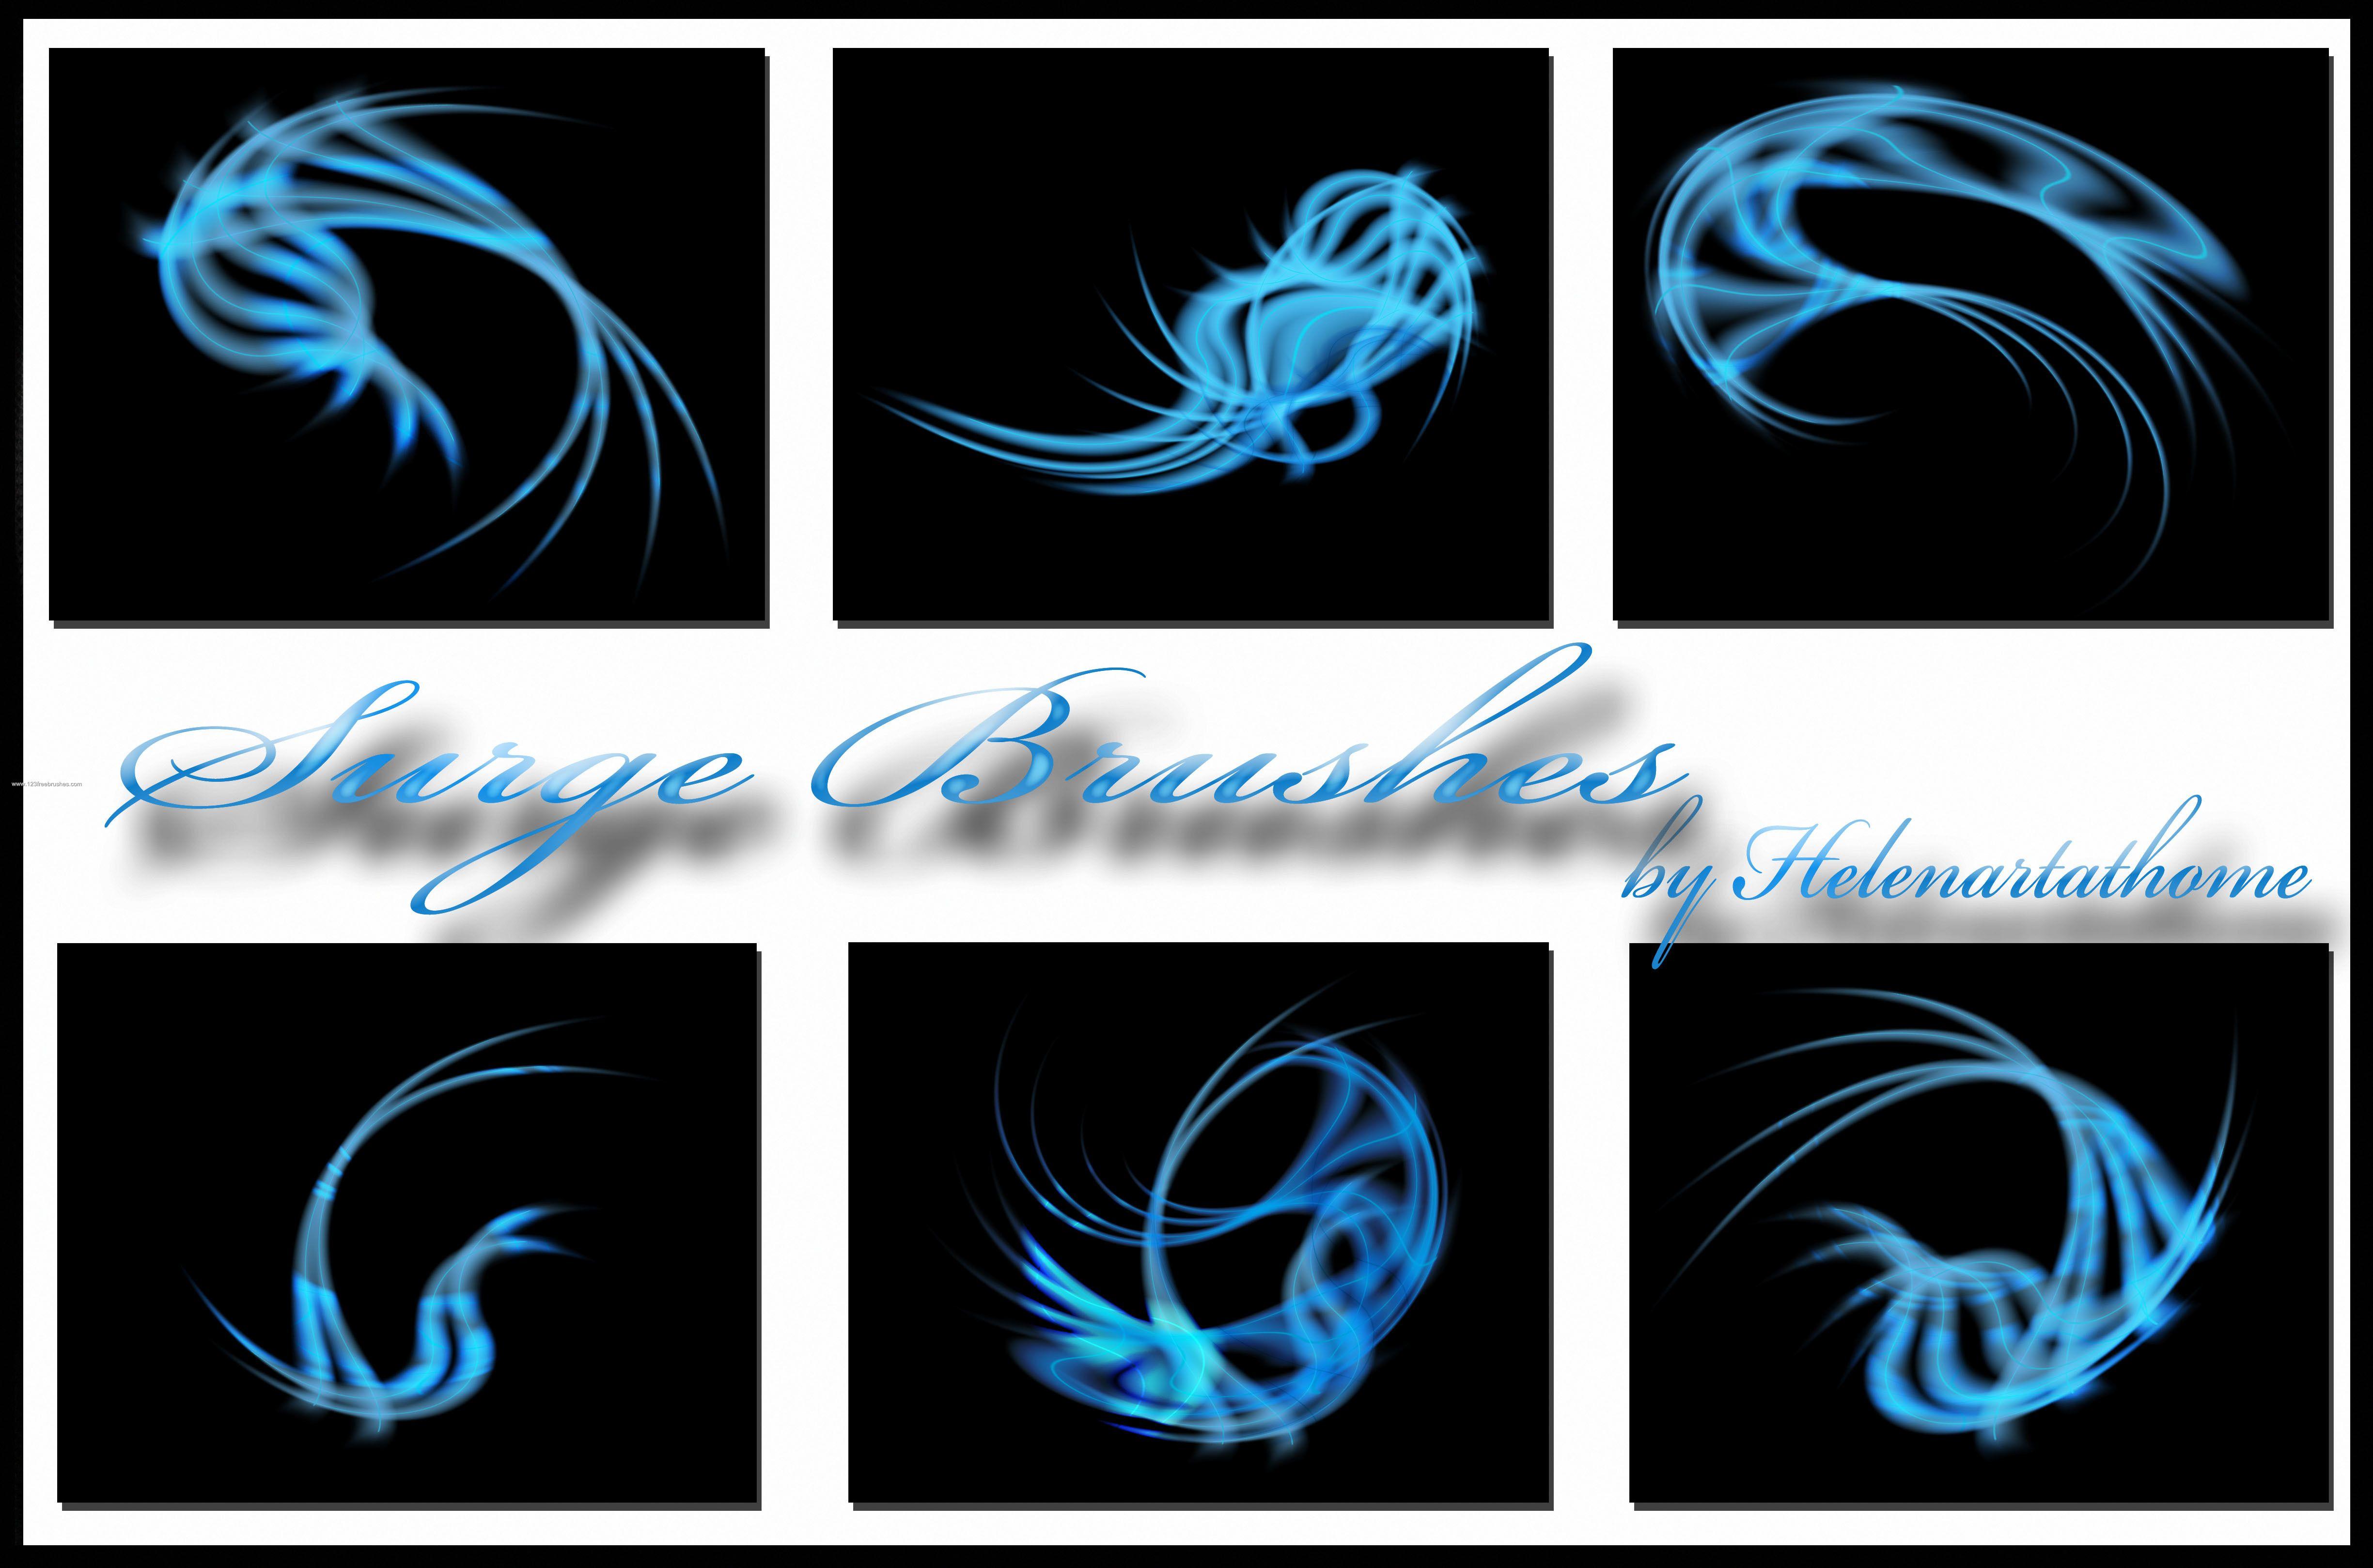 Abstract Brushes Photoshop Cs6 Free Brush Photoshop Brushes